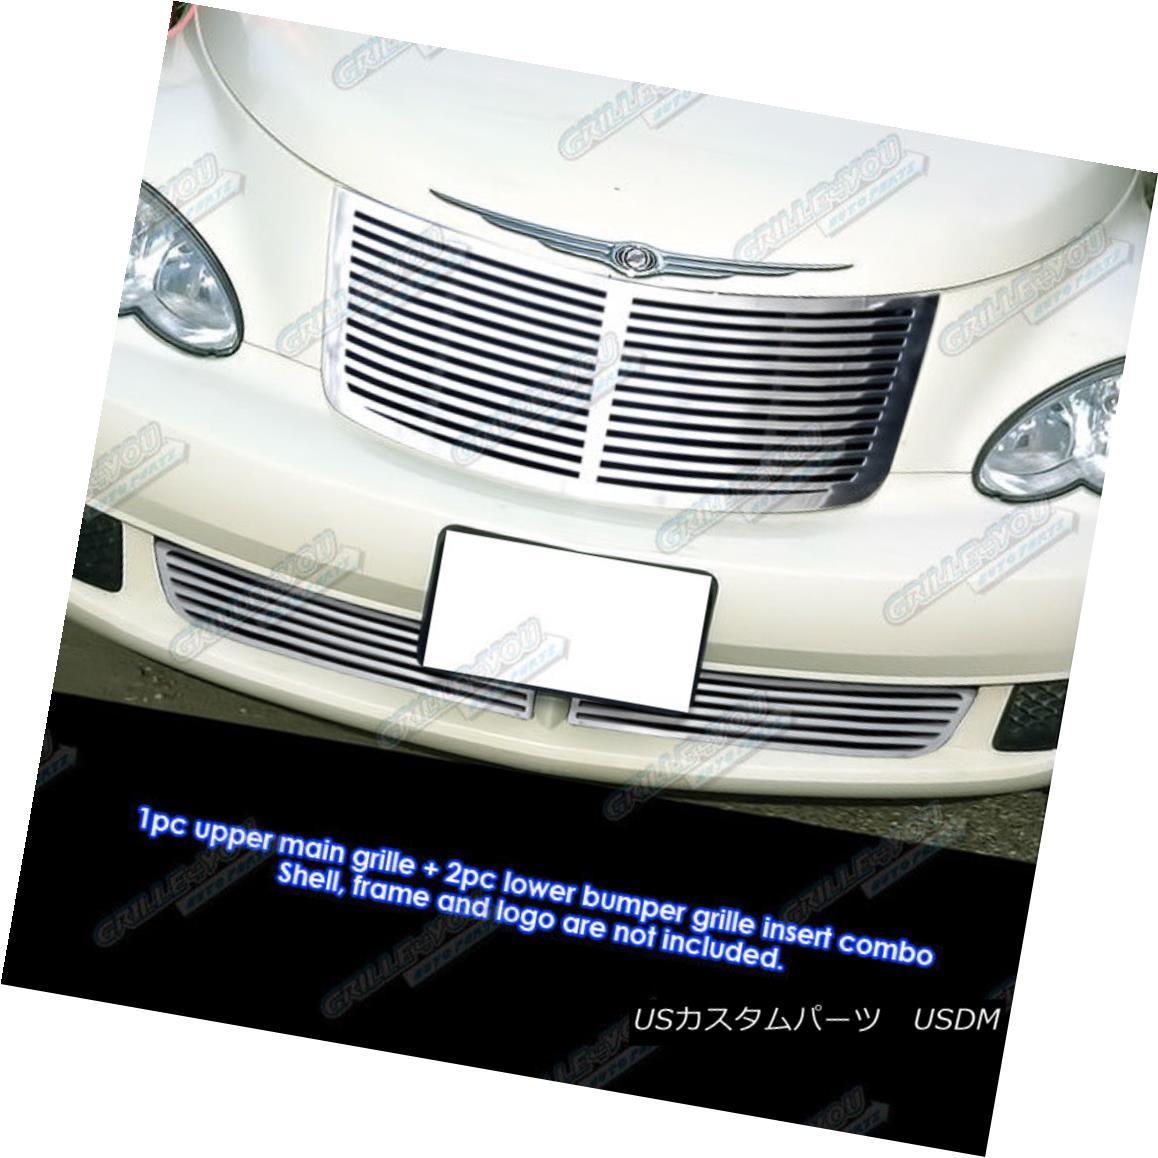 グリル Fits 2006-2010 Chrysler PT Cruiser Perimeter CNC Cut Grille Grill Combo Insert 2006-2010年に適合するクライスラーPTクルーザー周辺CNCカットグリルグリルコンボインサート